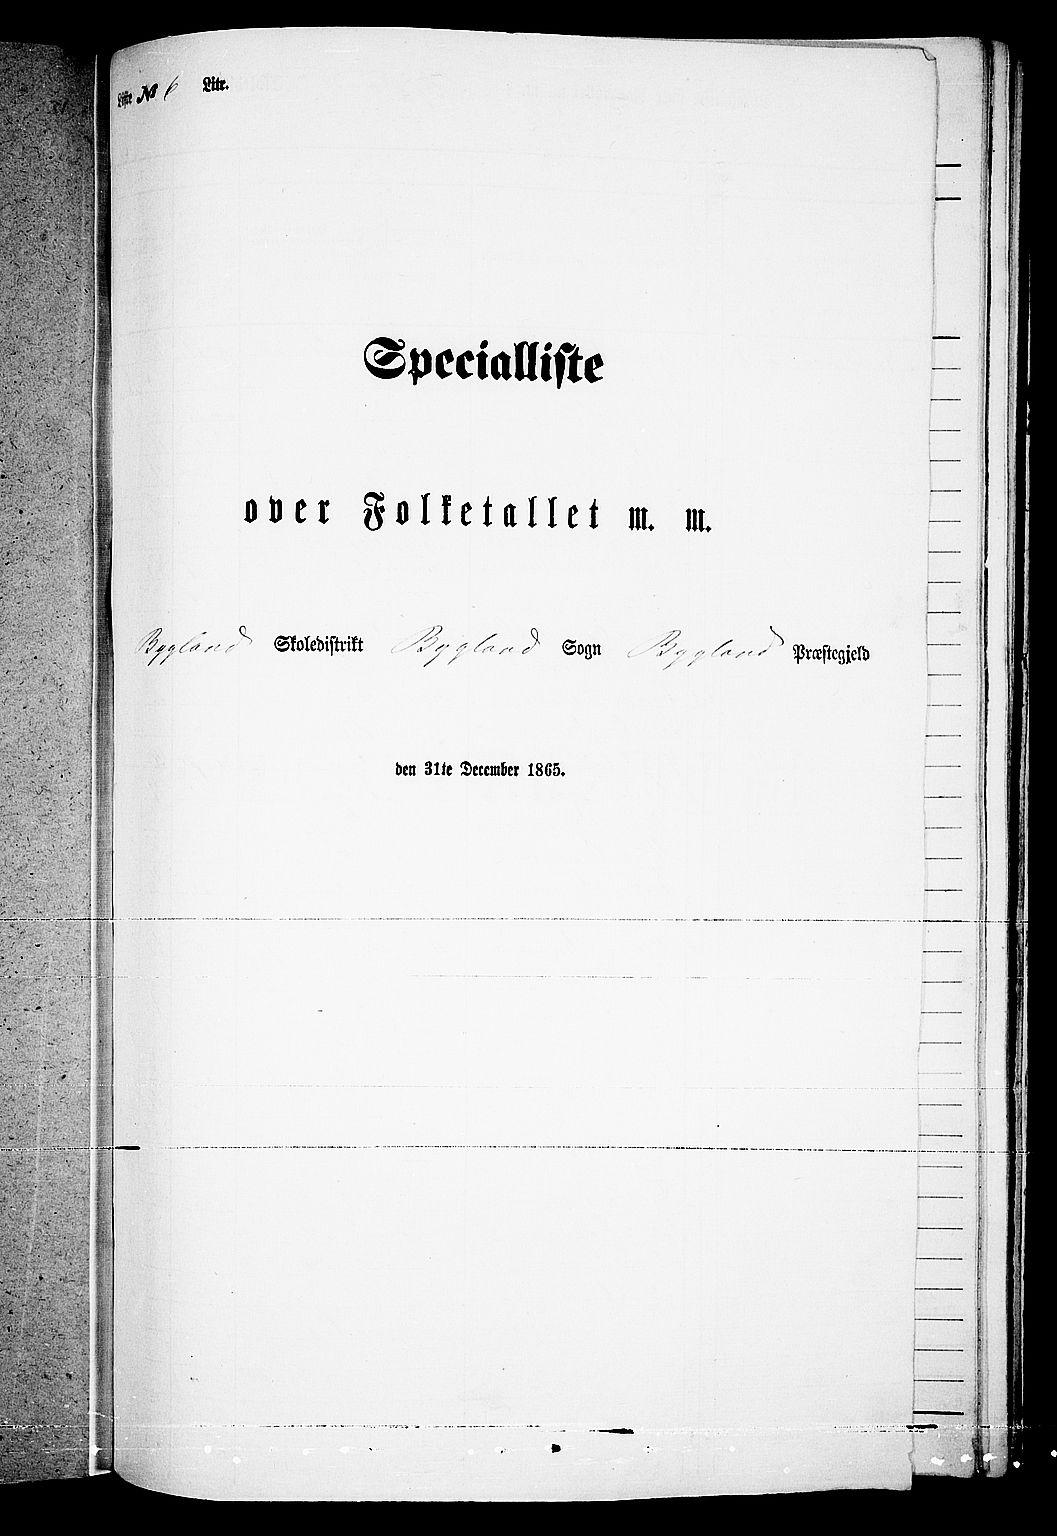 RA, Folketelling 1865 for 0938P Bygland prestegjeld, 1865, s. 56